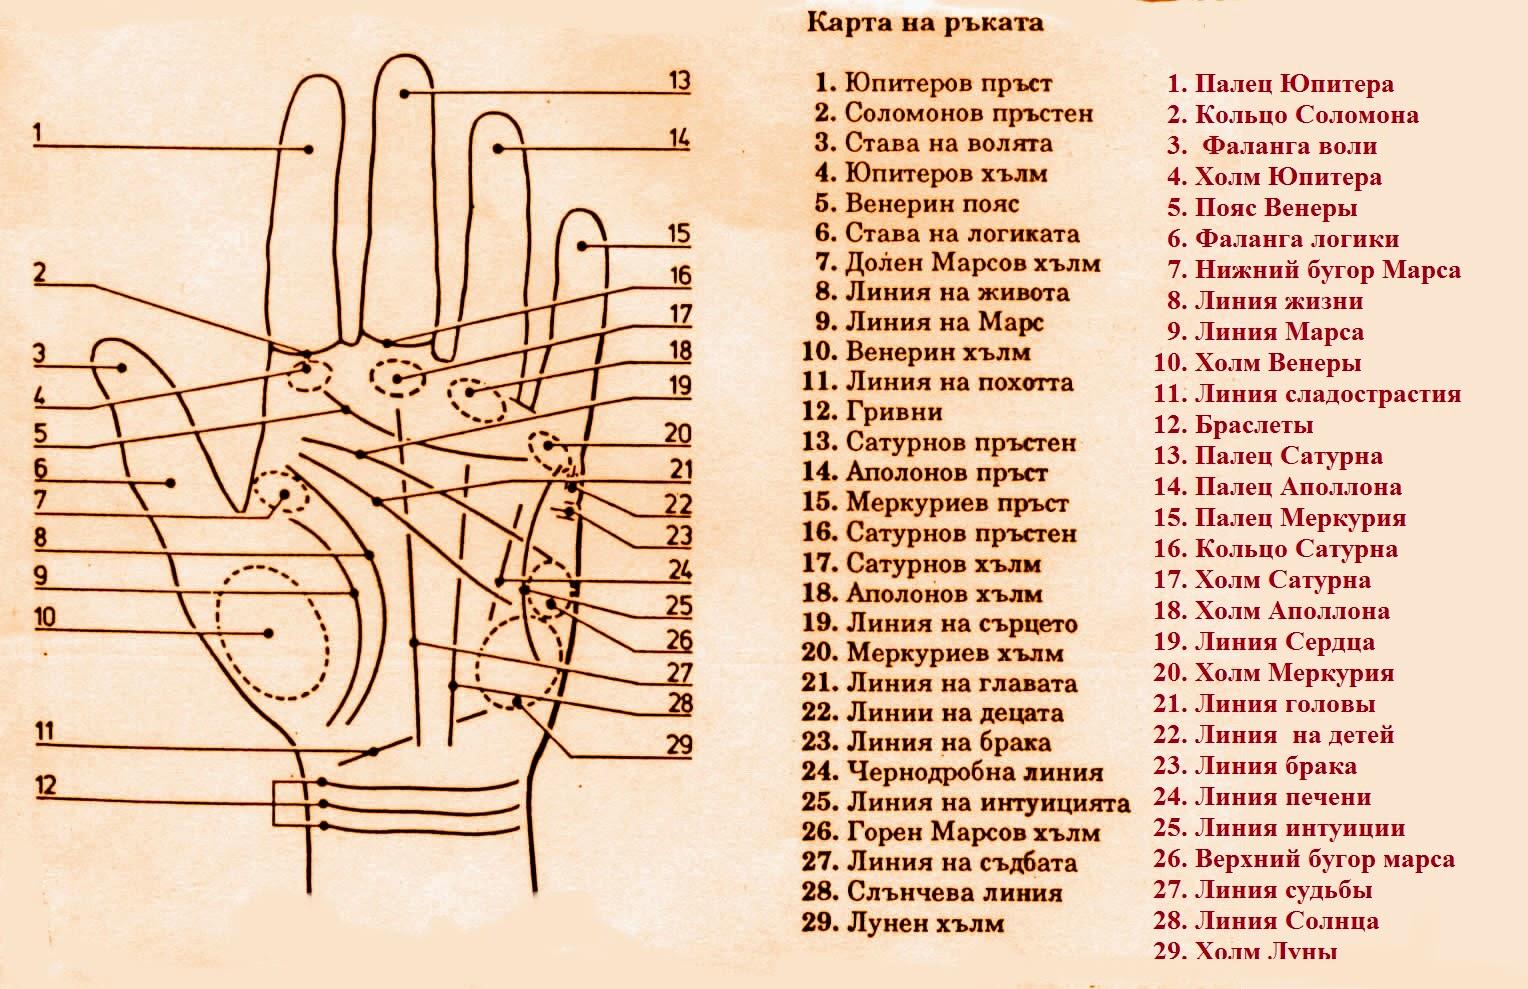 Обозначения всех линий на руке